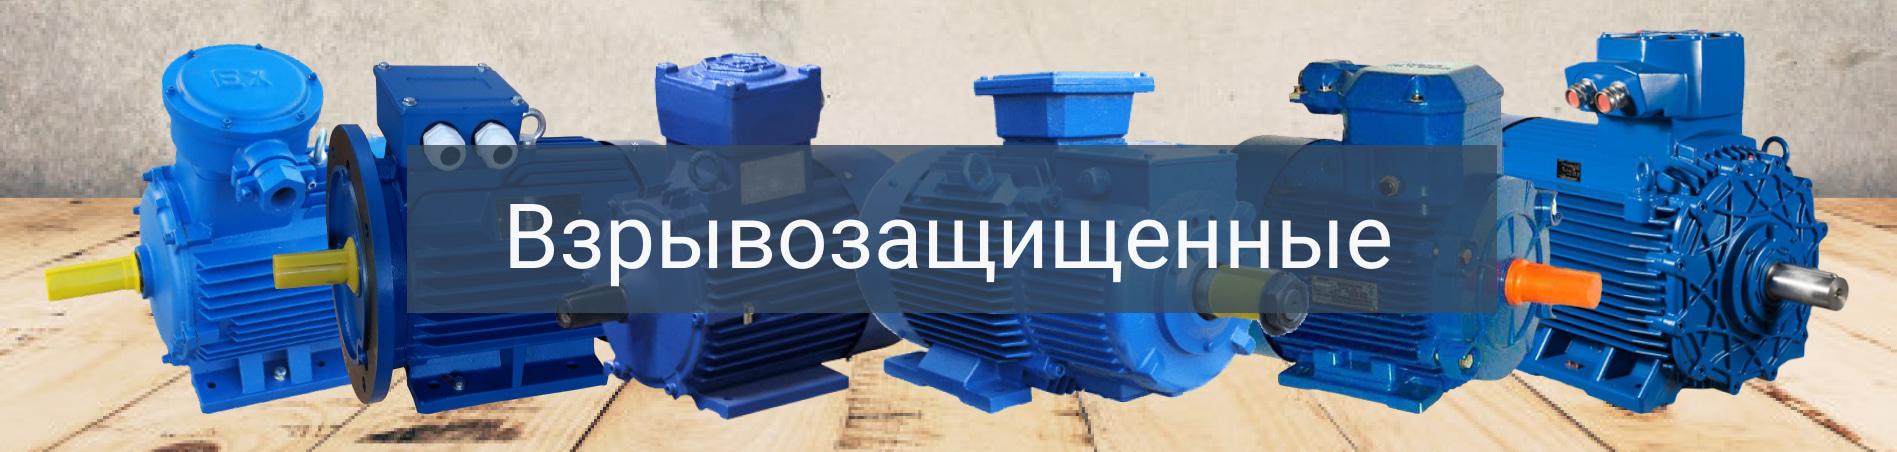 Взрывозащищенные электродвигатели 22 квт